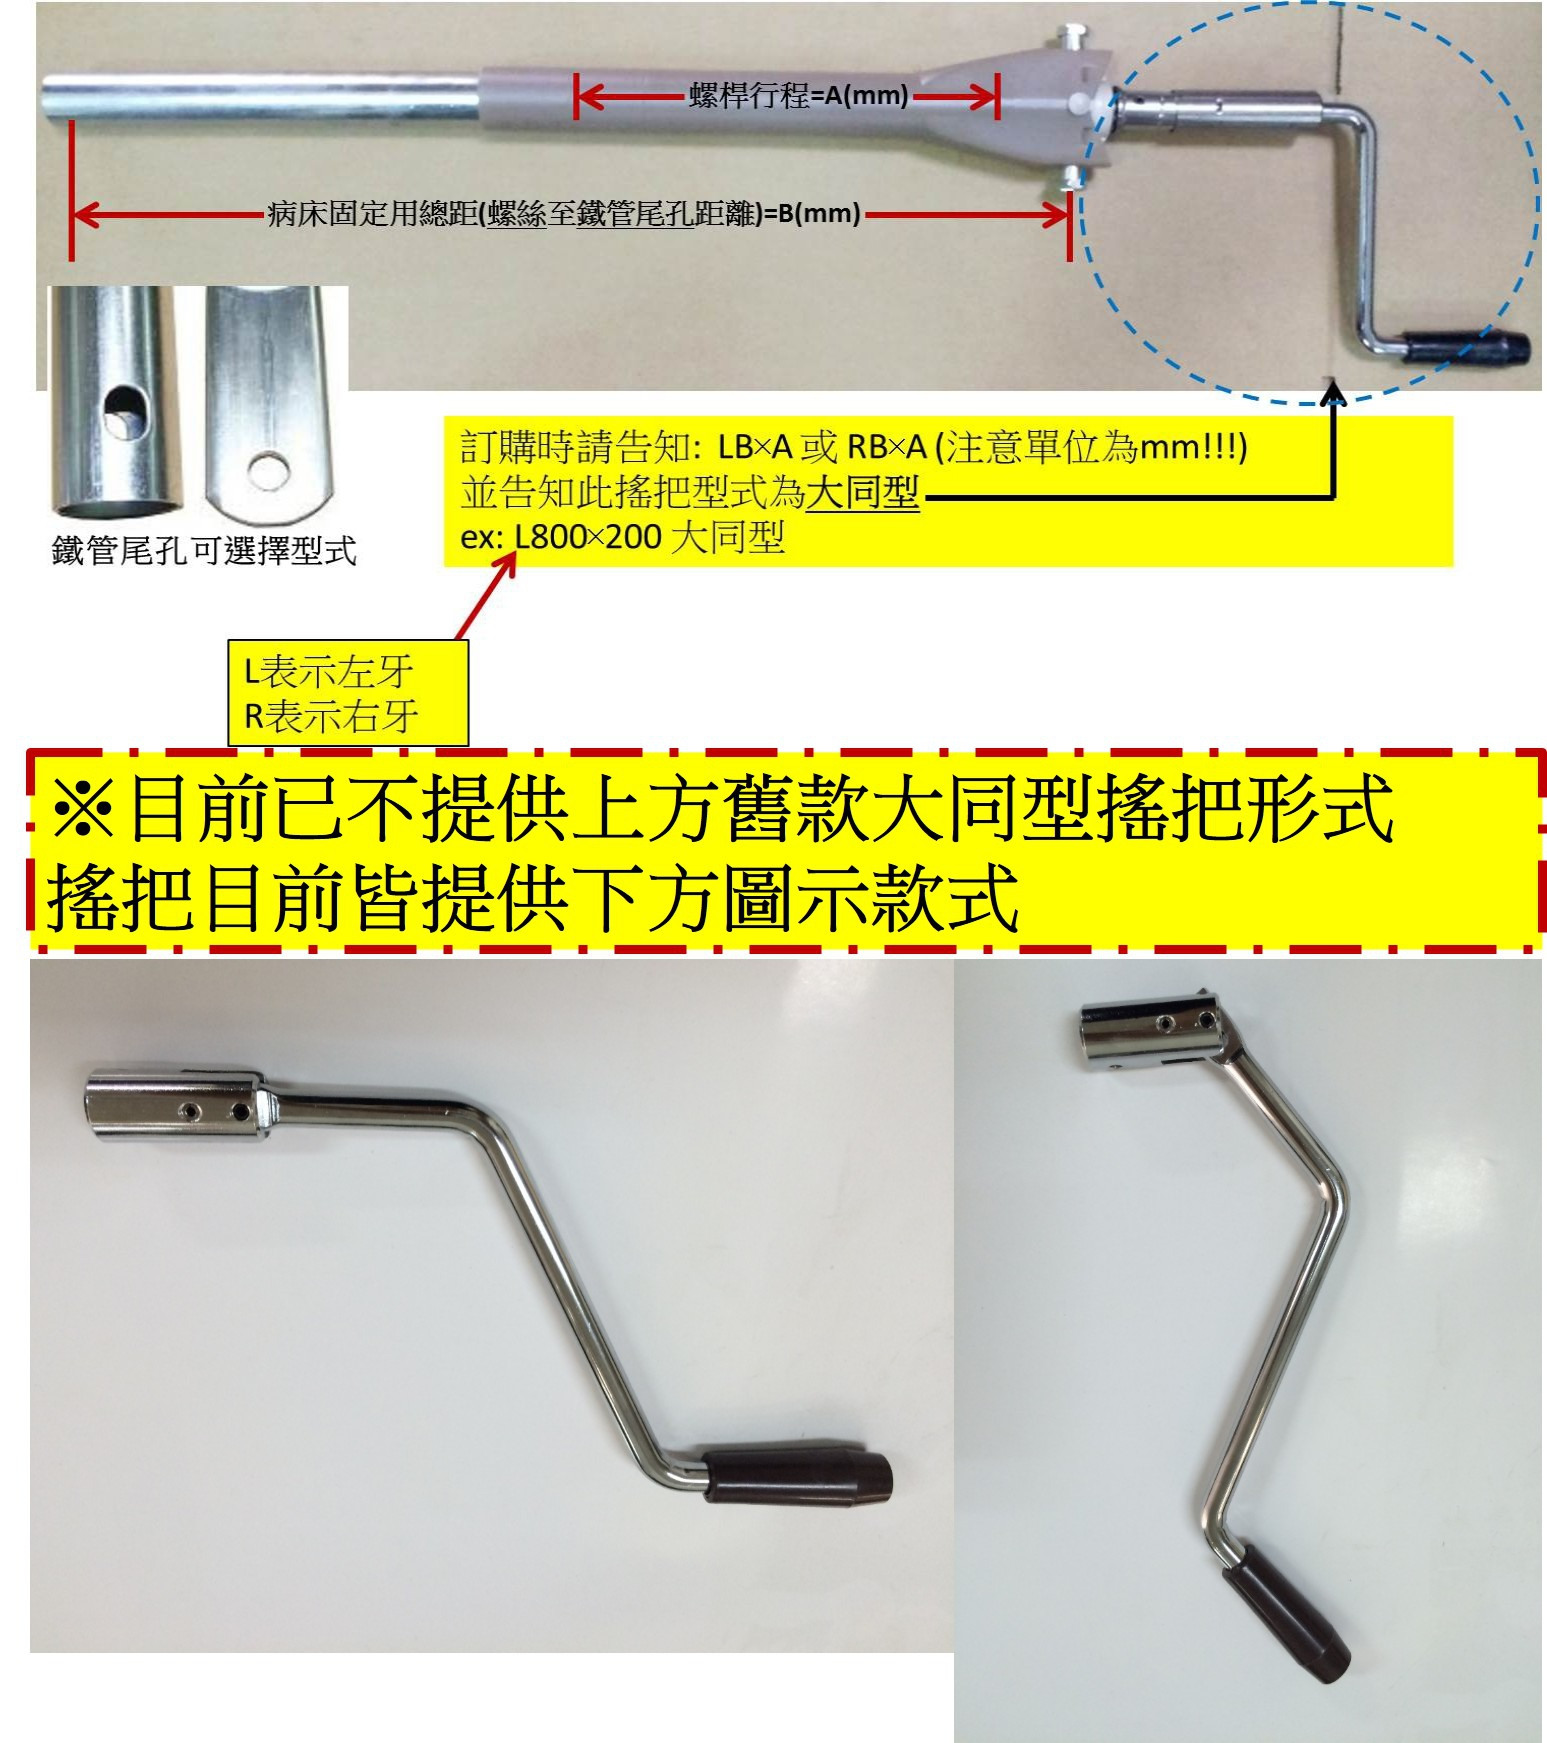 proimages/大同型訂購說明中文版.jpg